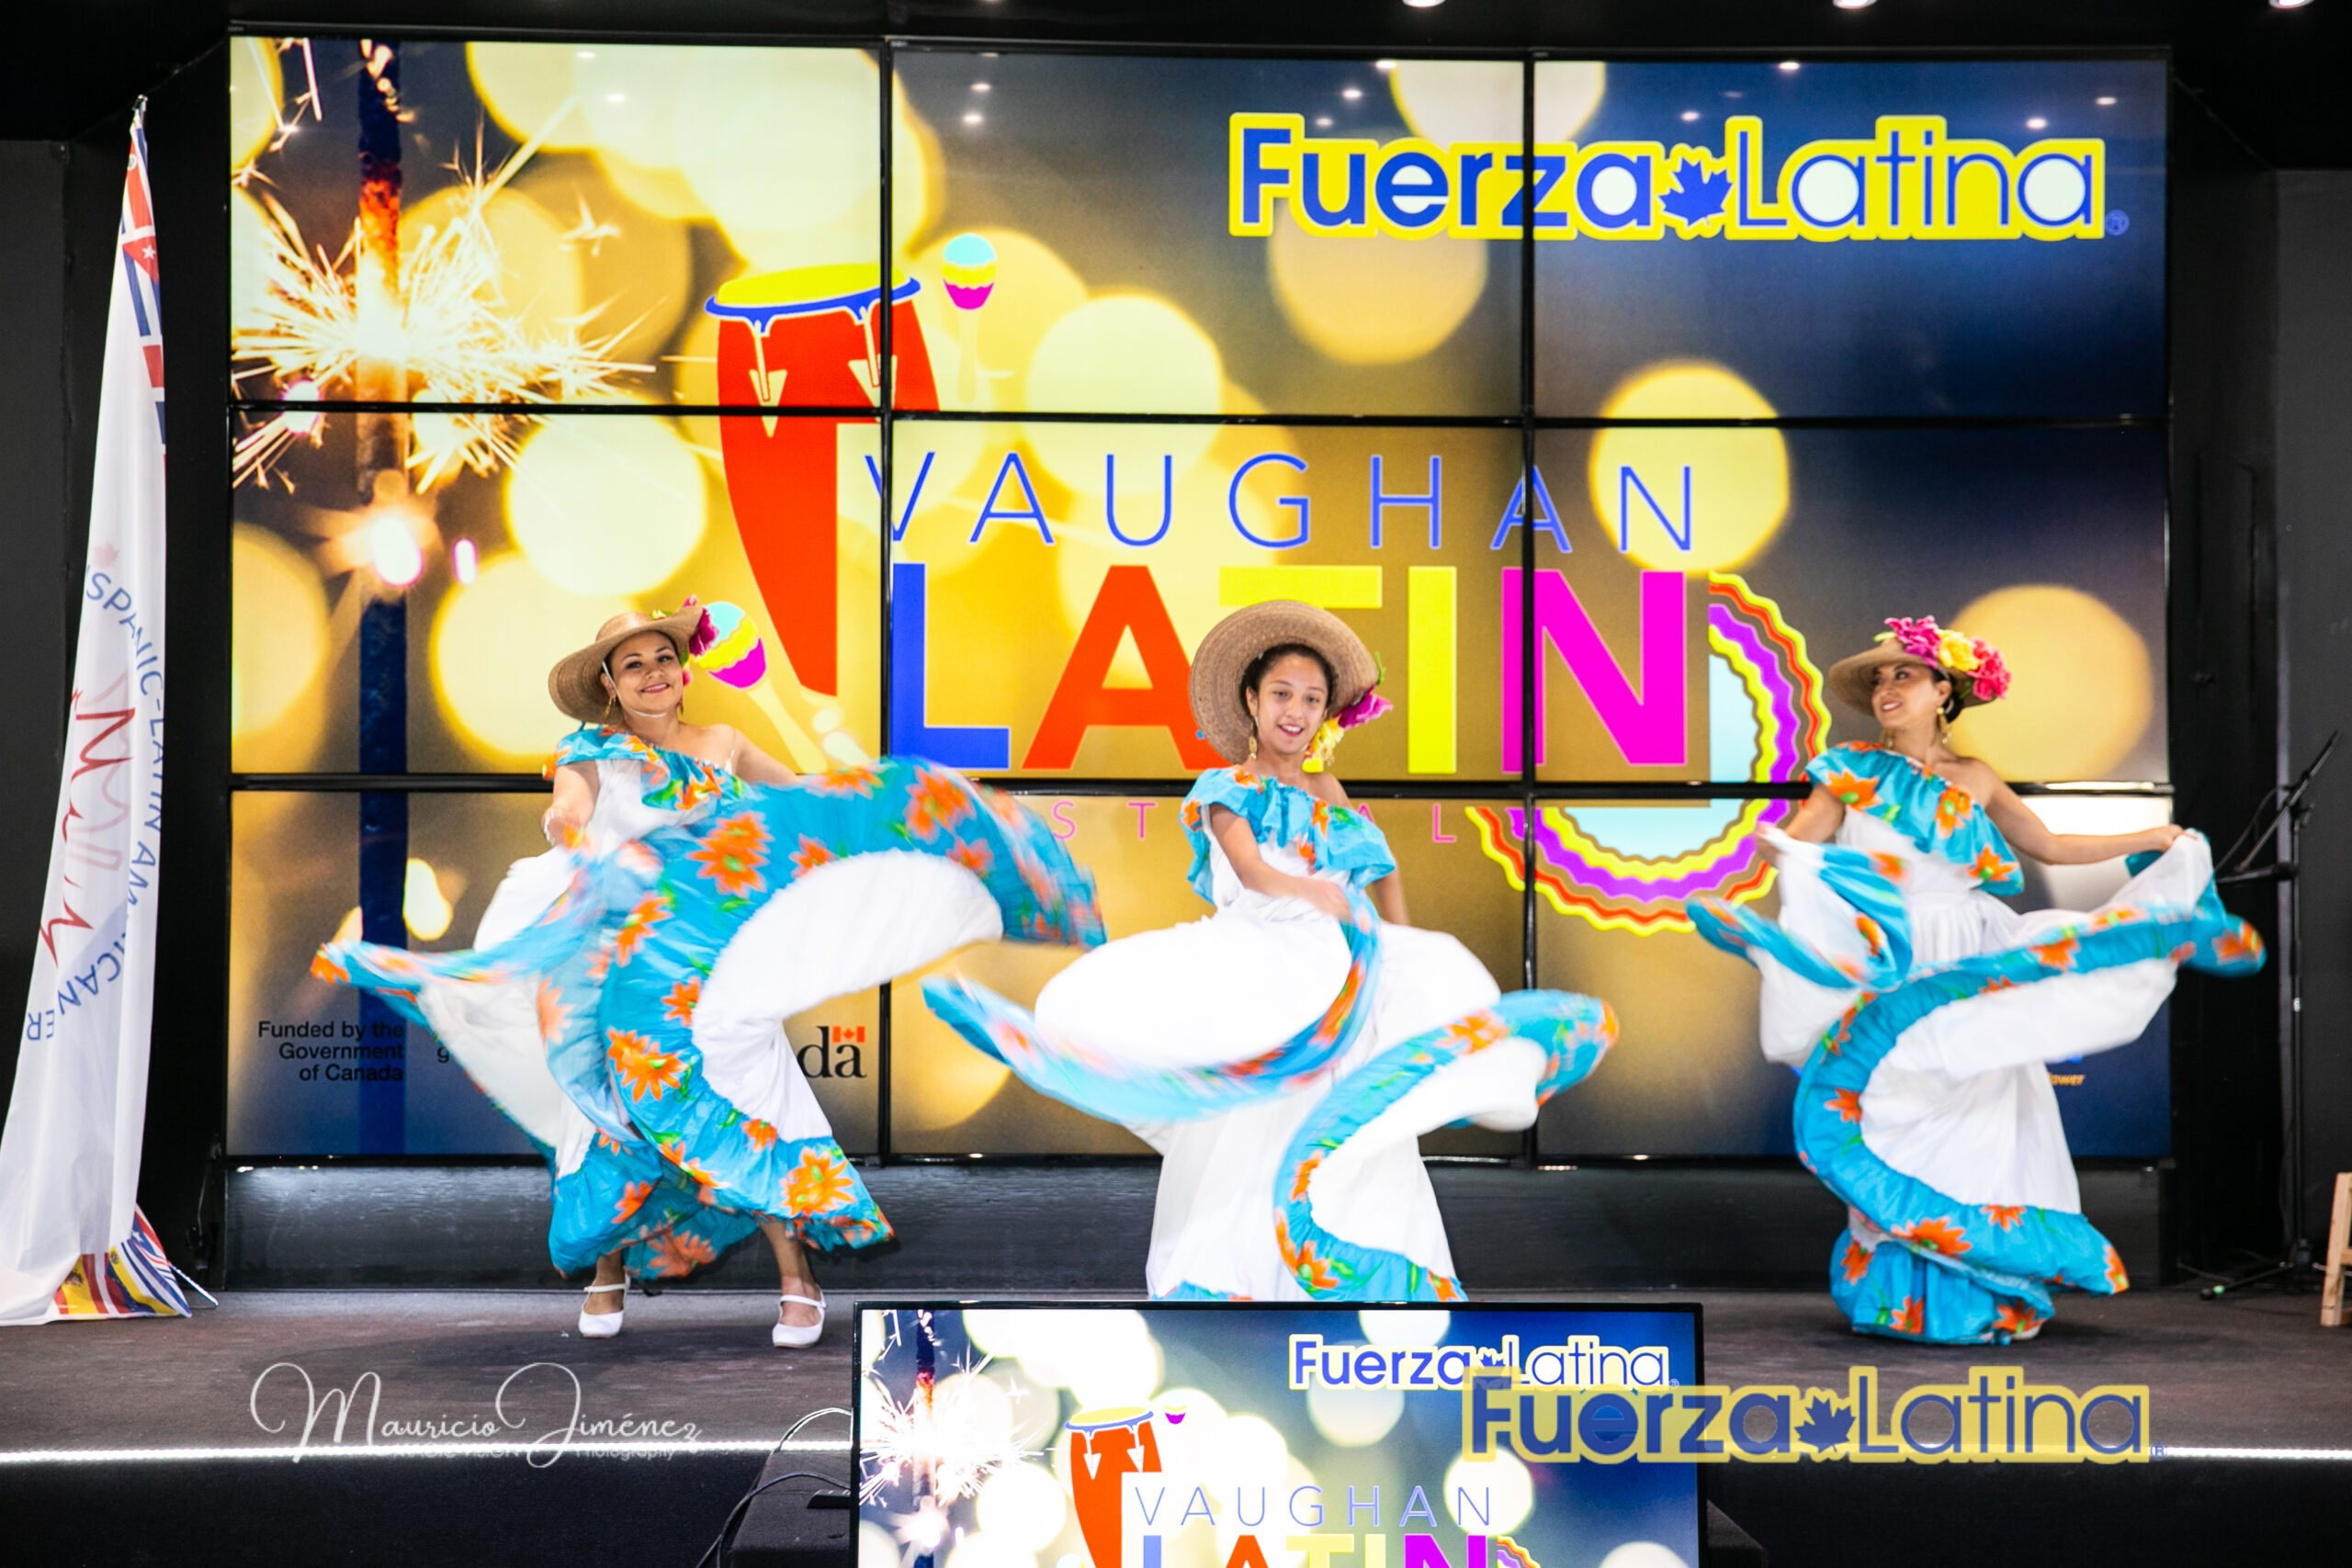 Magic_Vision-Fuerza_Latina-2020-09-19_065